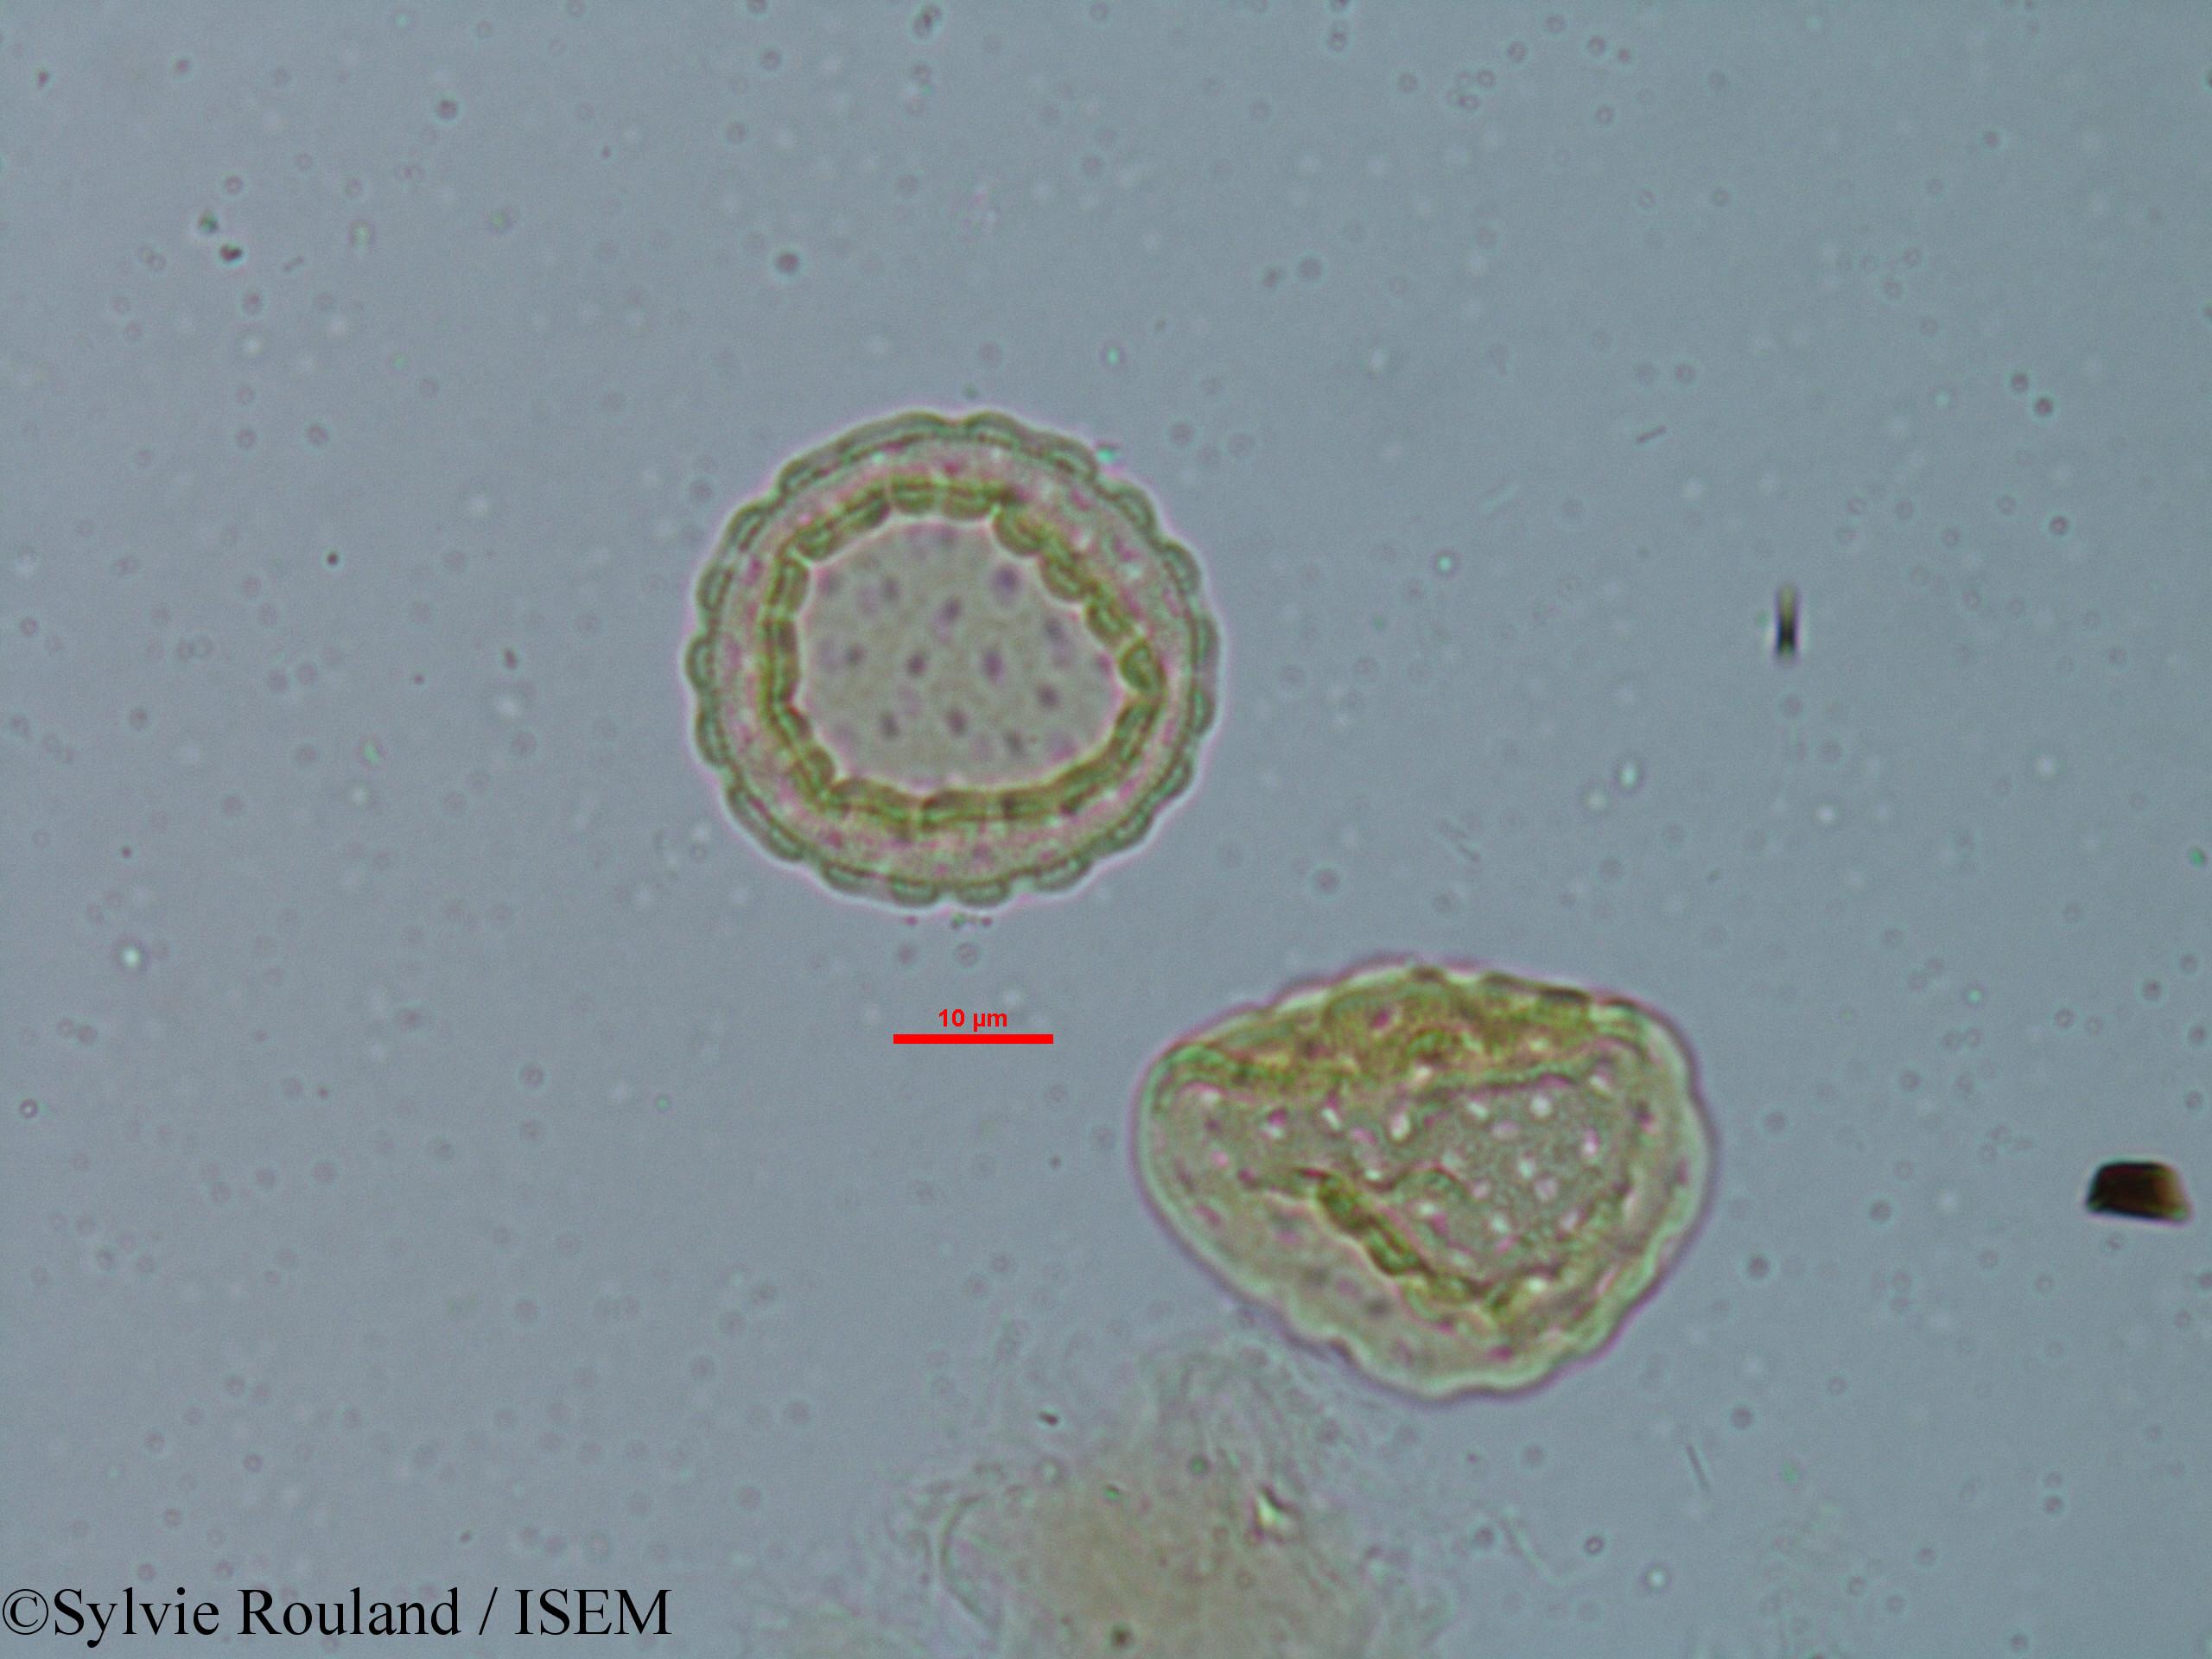 Sylvie.Rouland/Chenopodium_ambrosioides_6149/Chenopodium_ambrosioides_6149_0006(copy).jpg